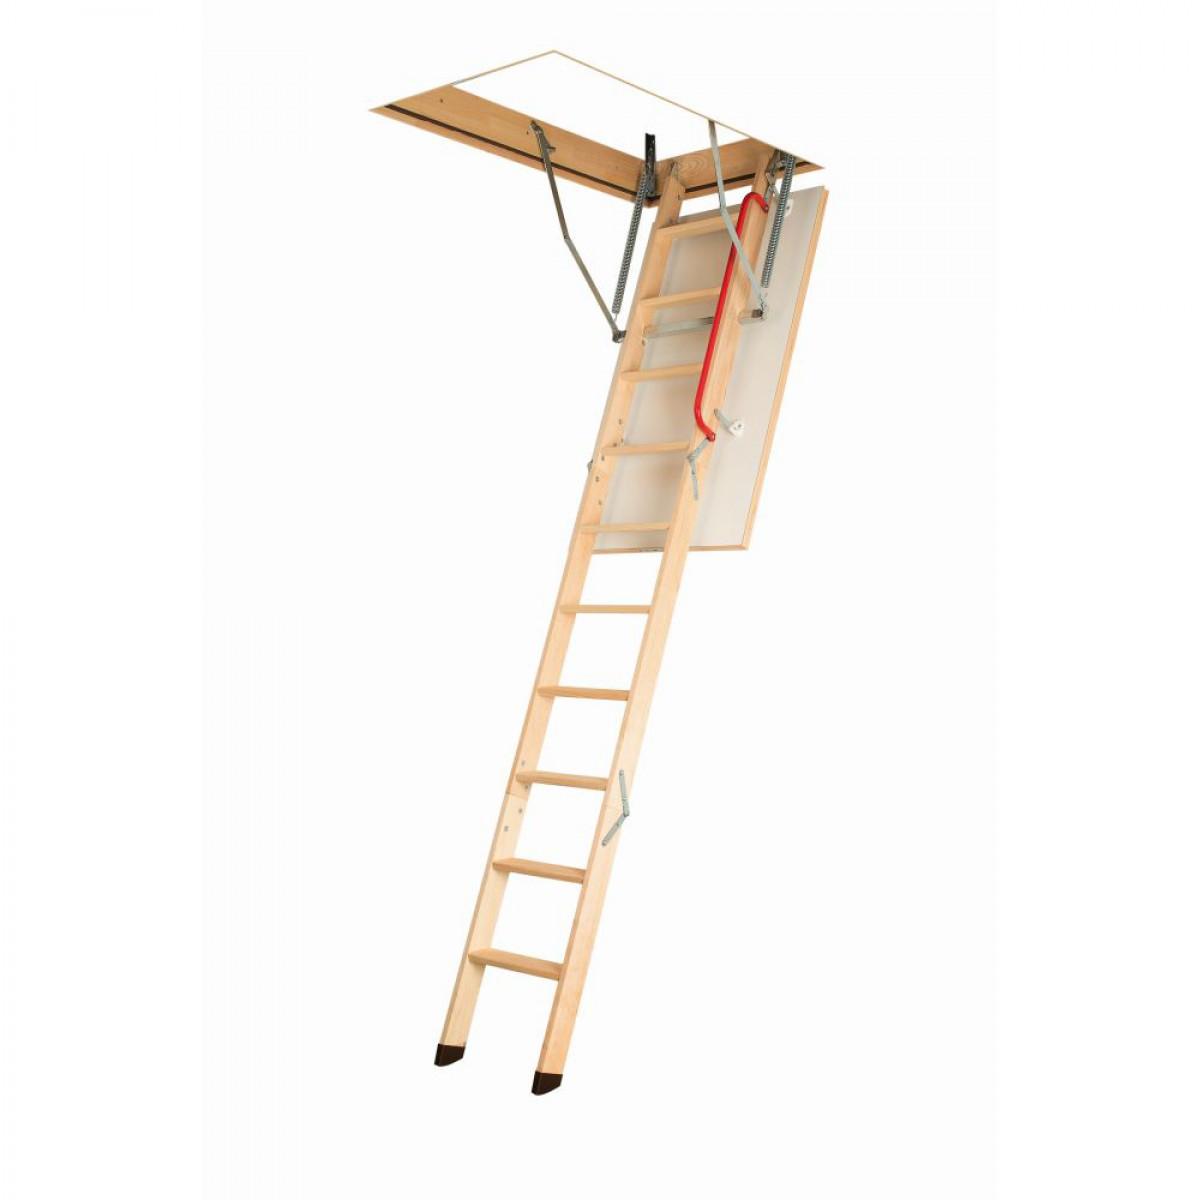 Escalier escamotable avec une échelle en bois LWK Komfort